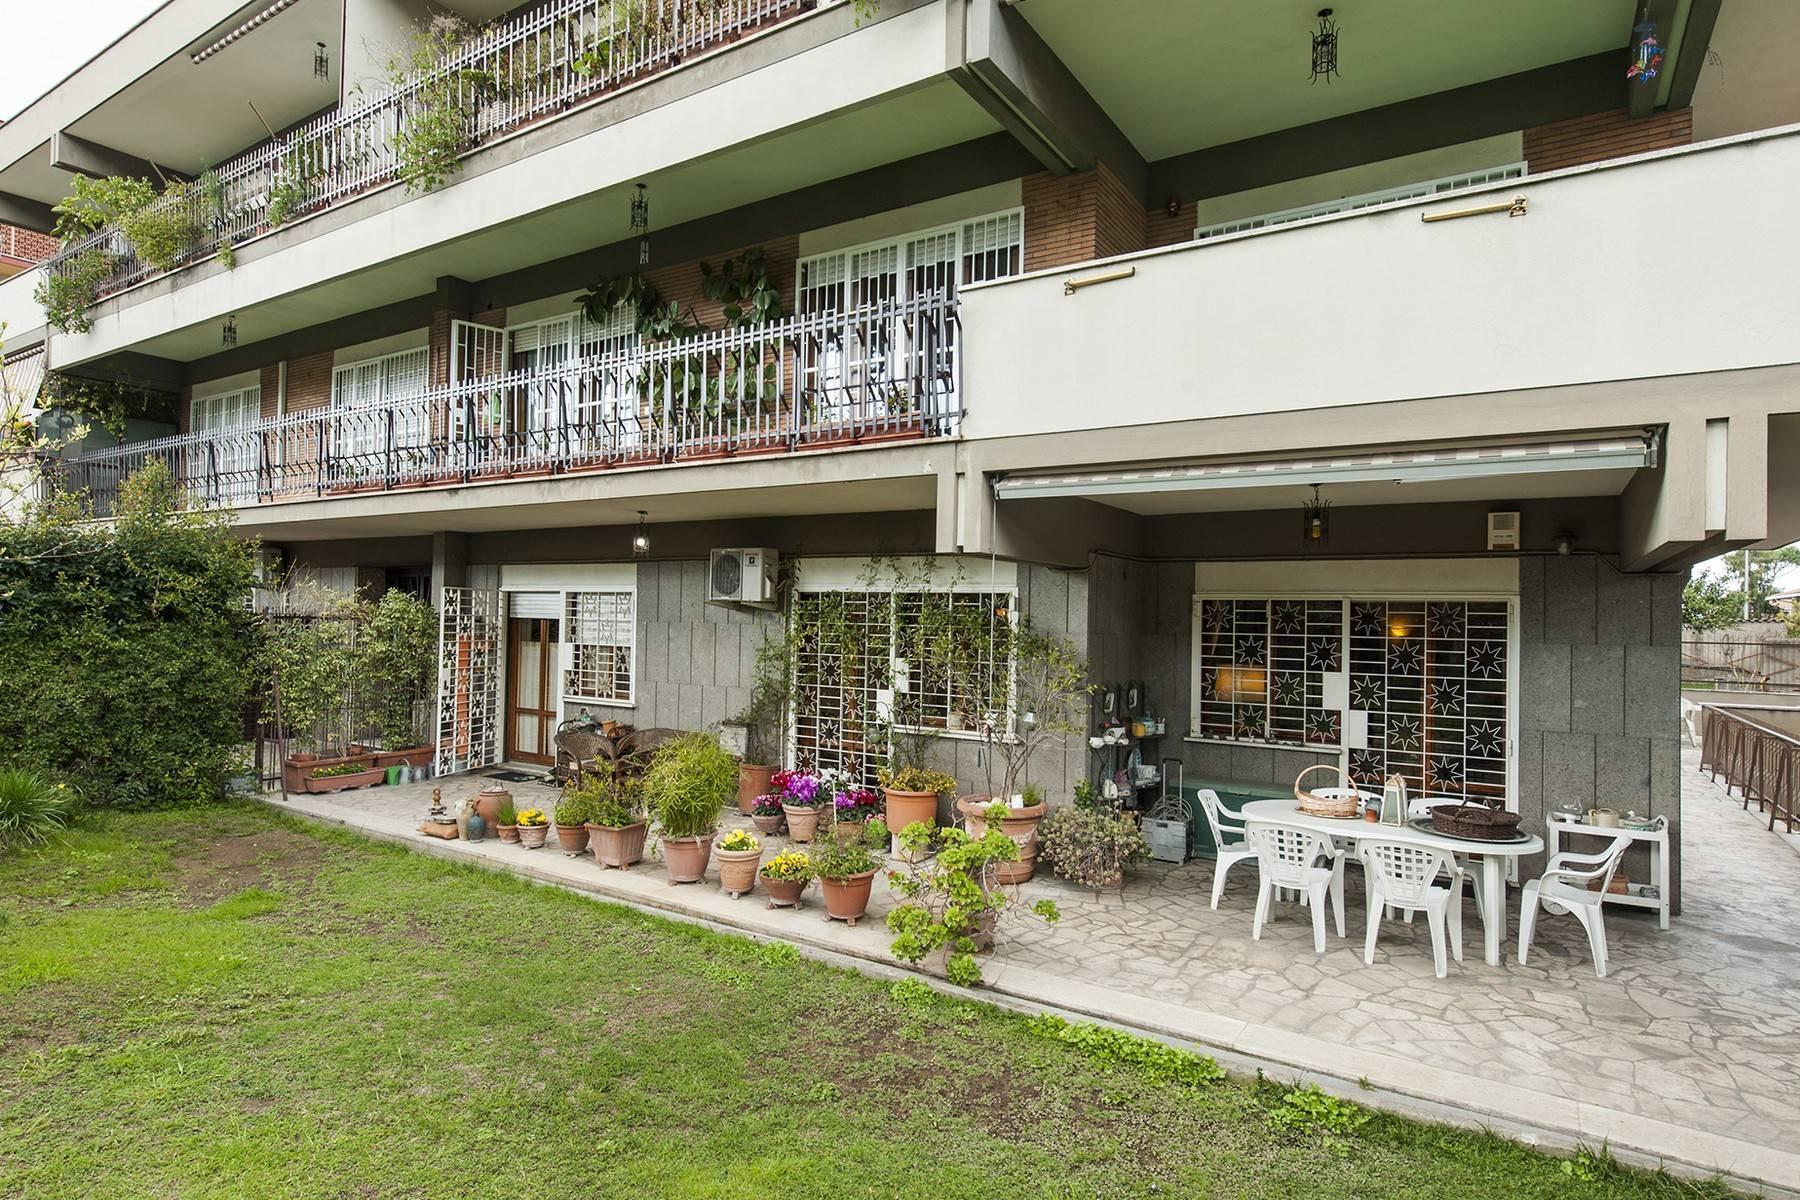 Appartamento con giardino nei pressi dell'Appia Antica - 4